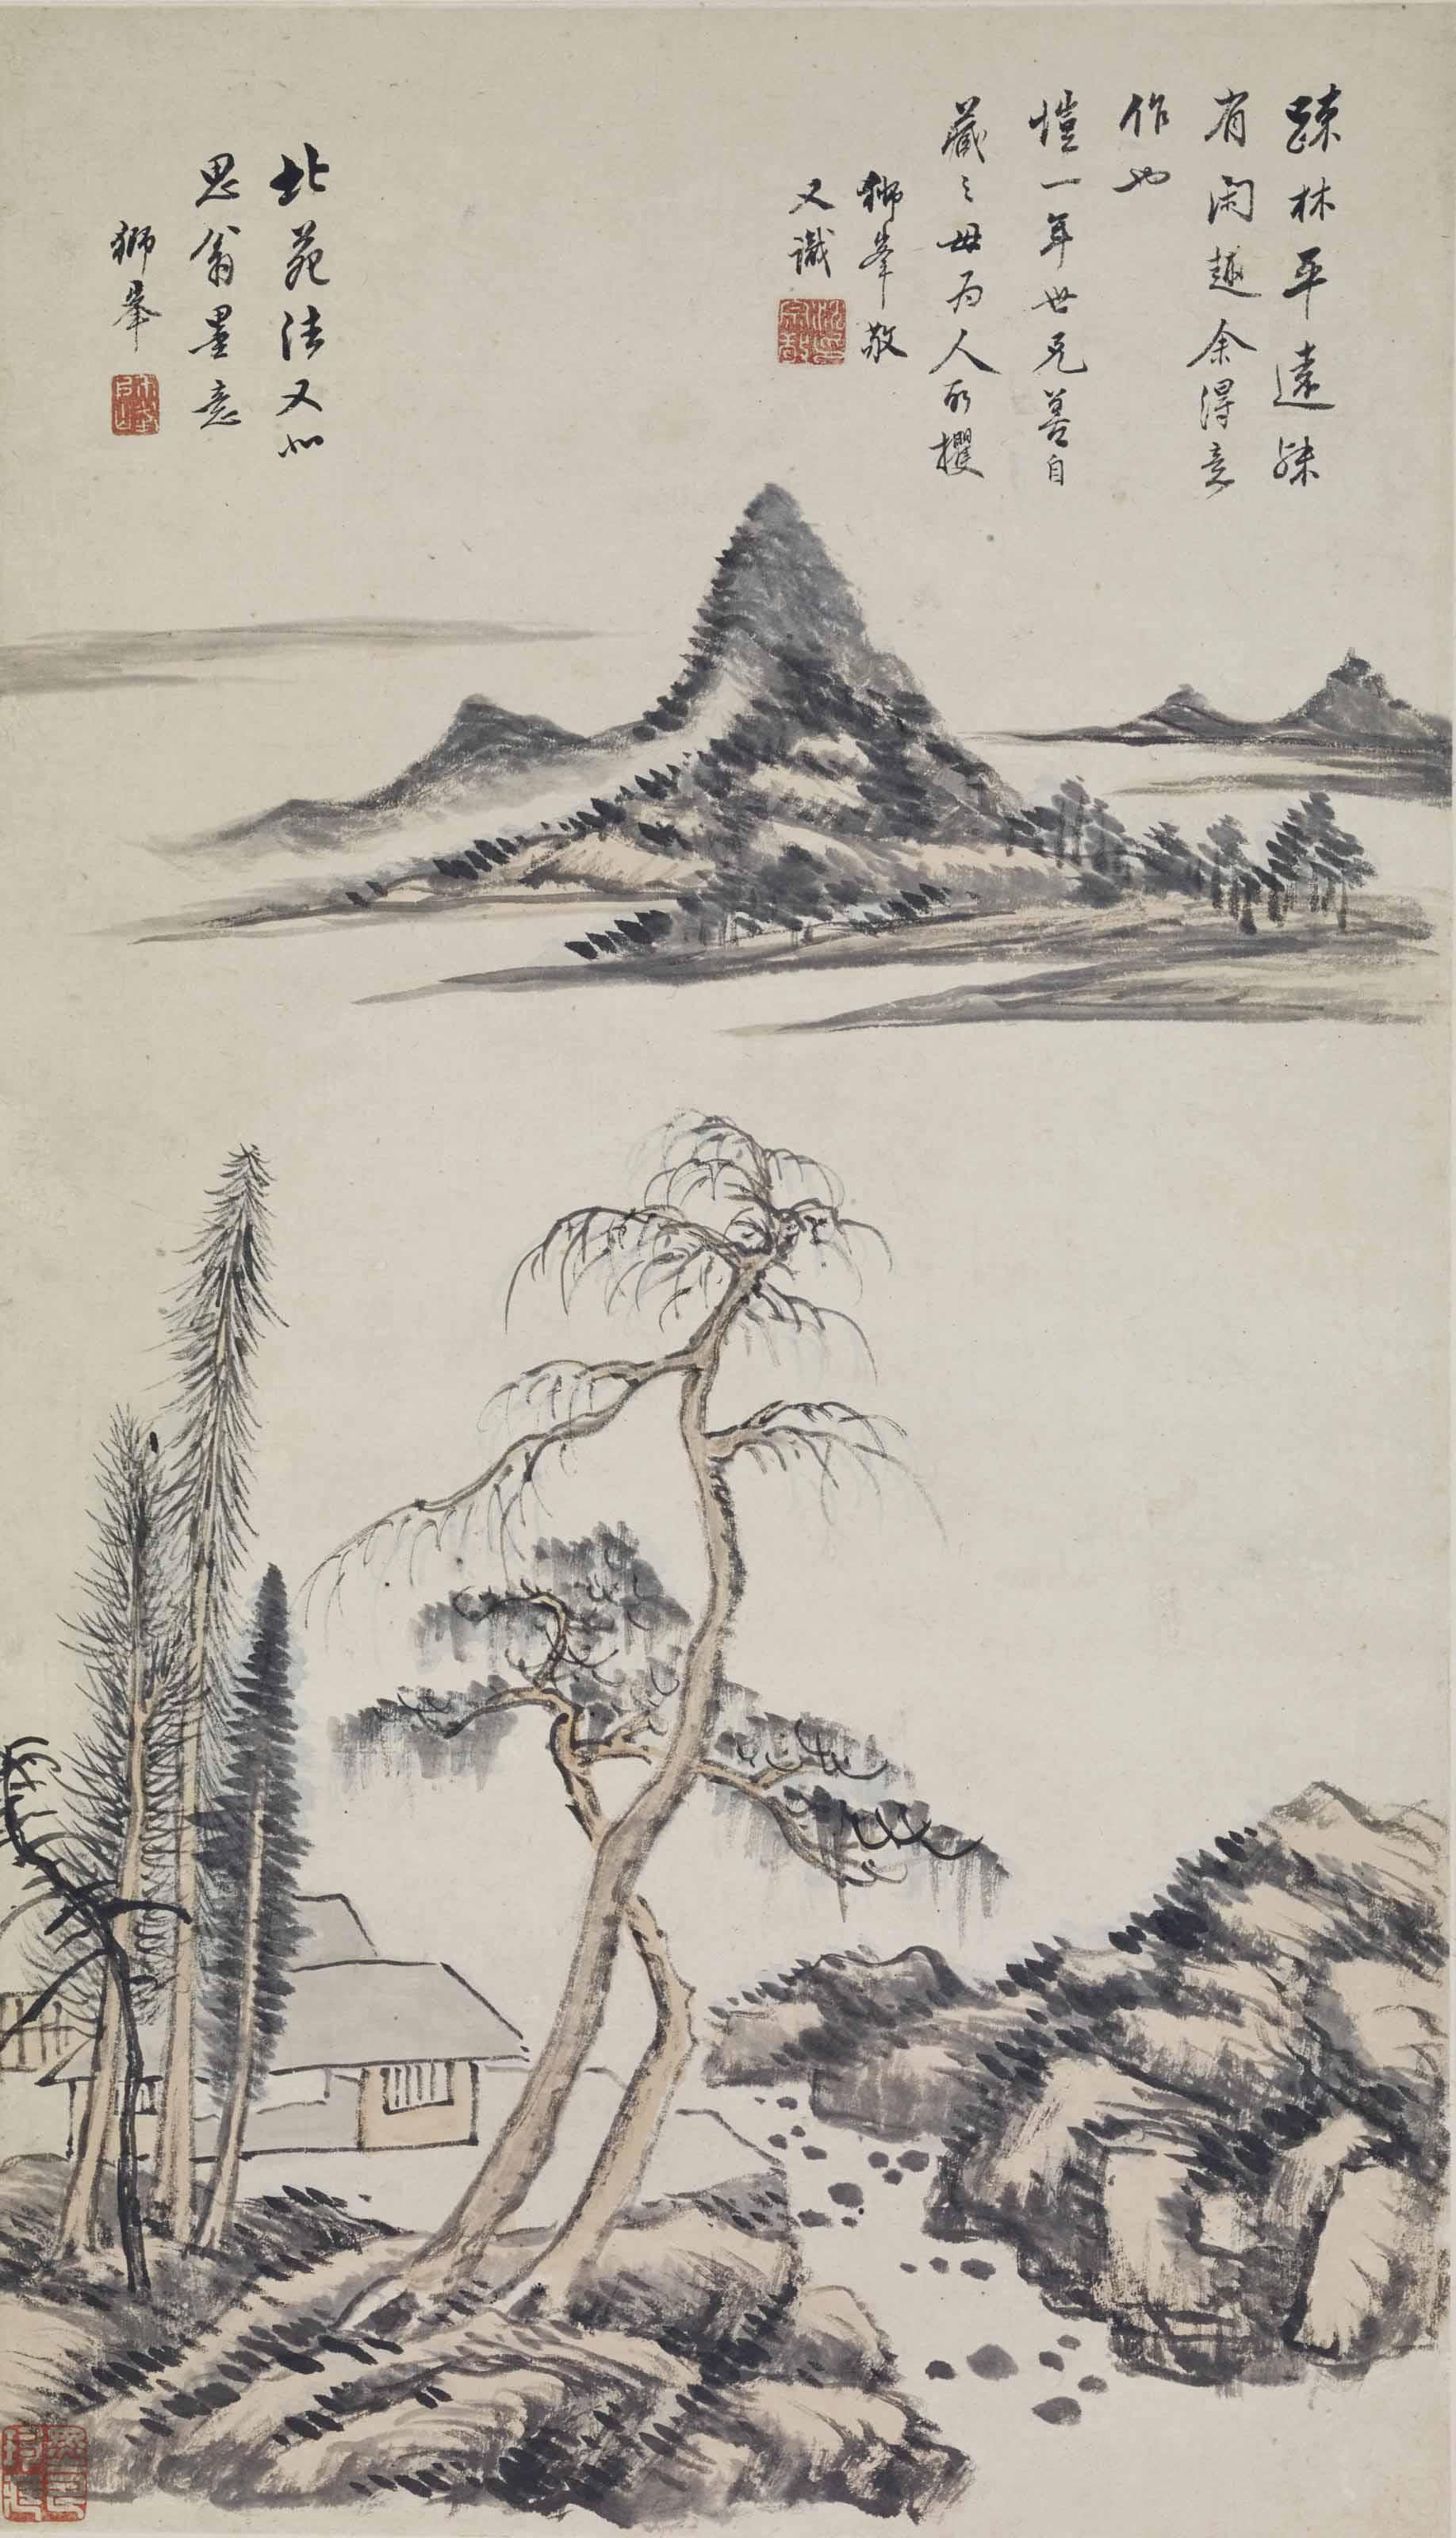 SHEN ZONGJING (1669-1735)